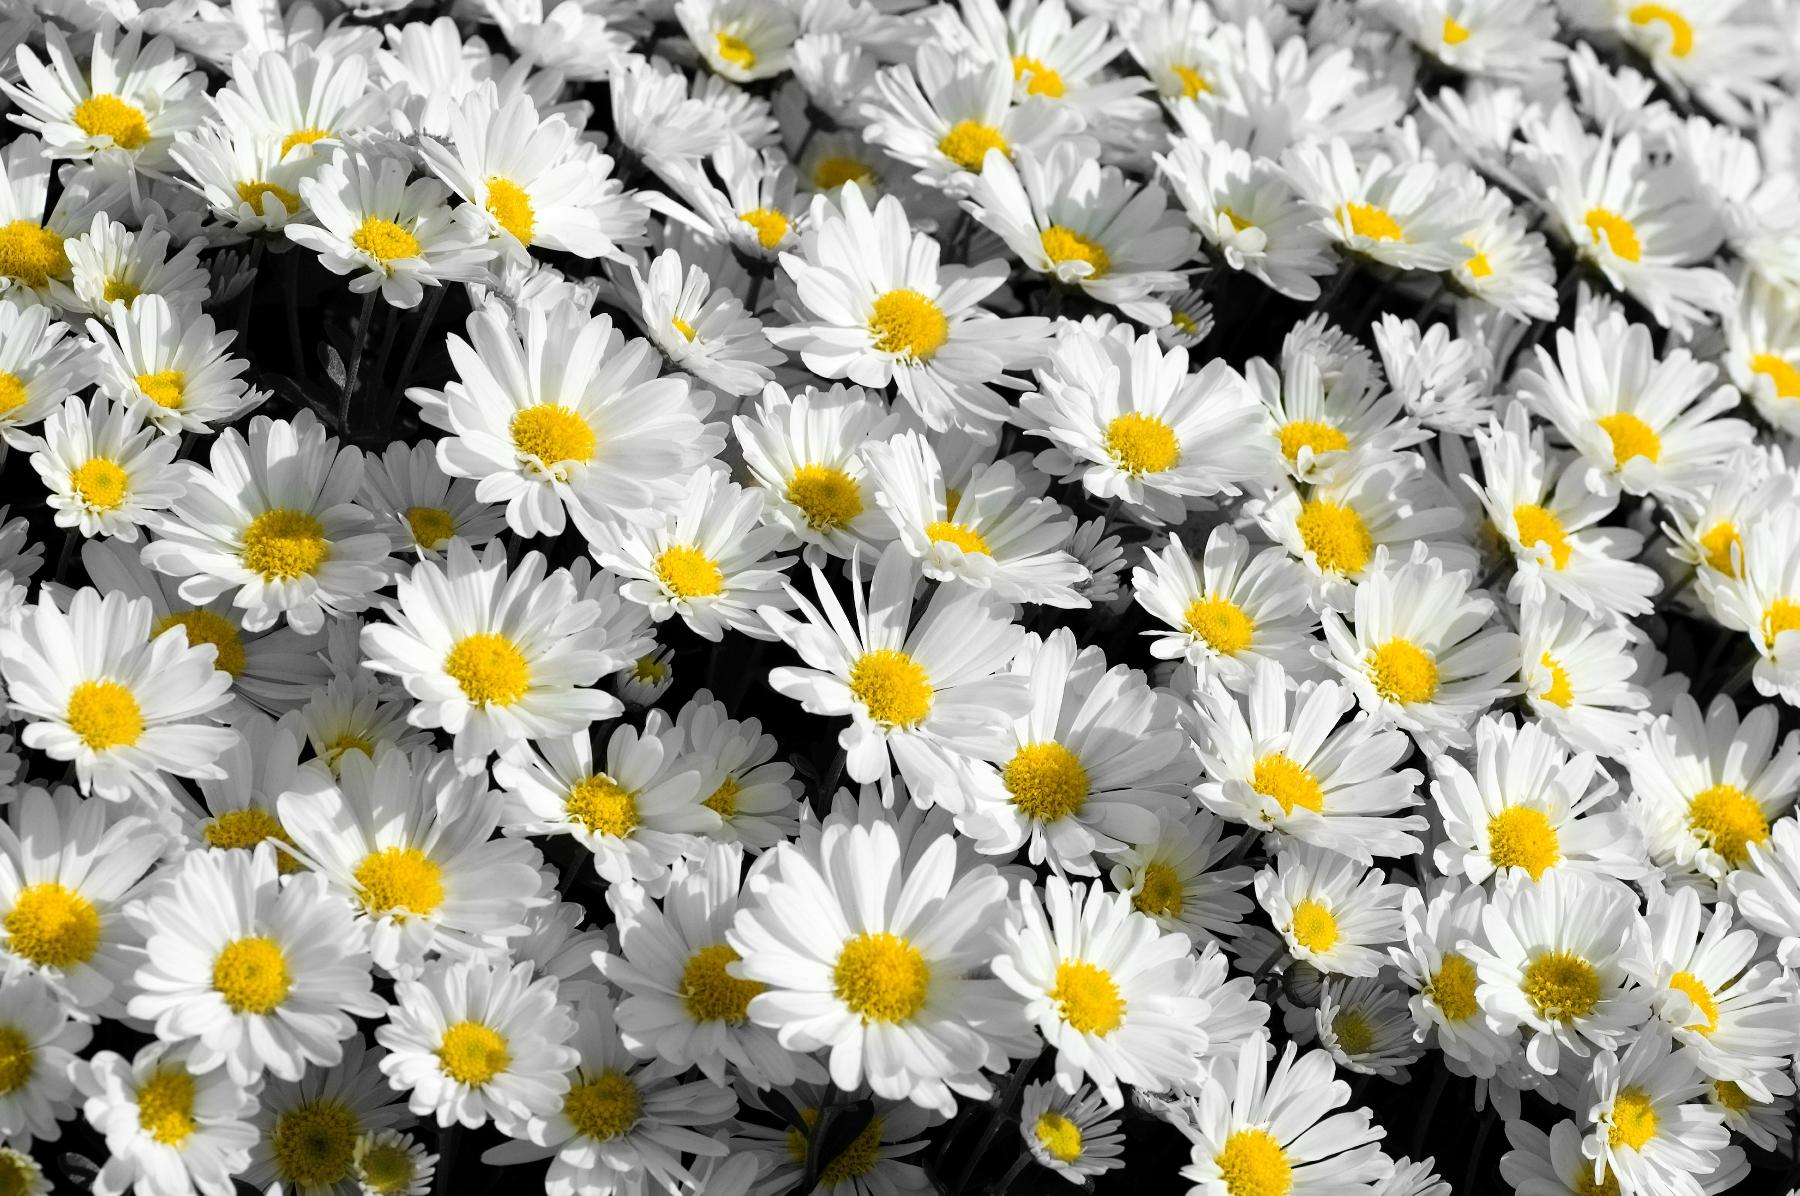 HD Widescreen, Tumblr Flower